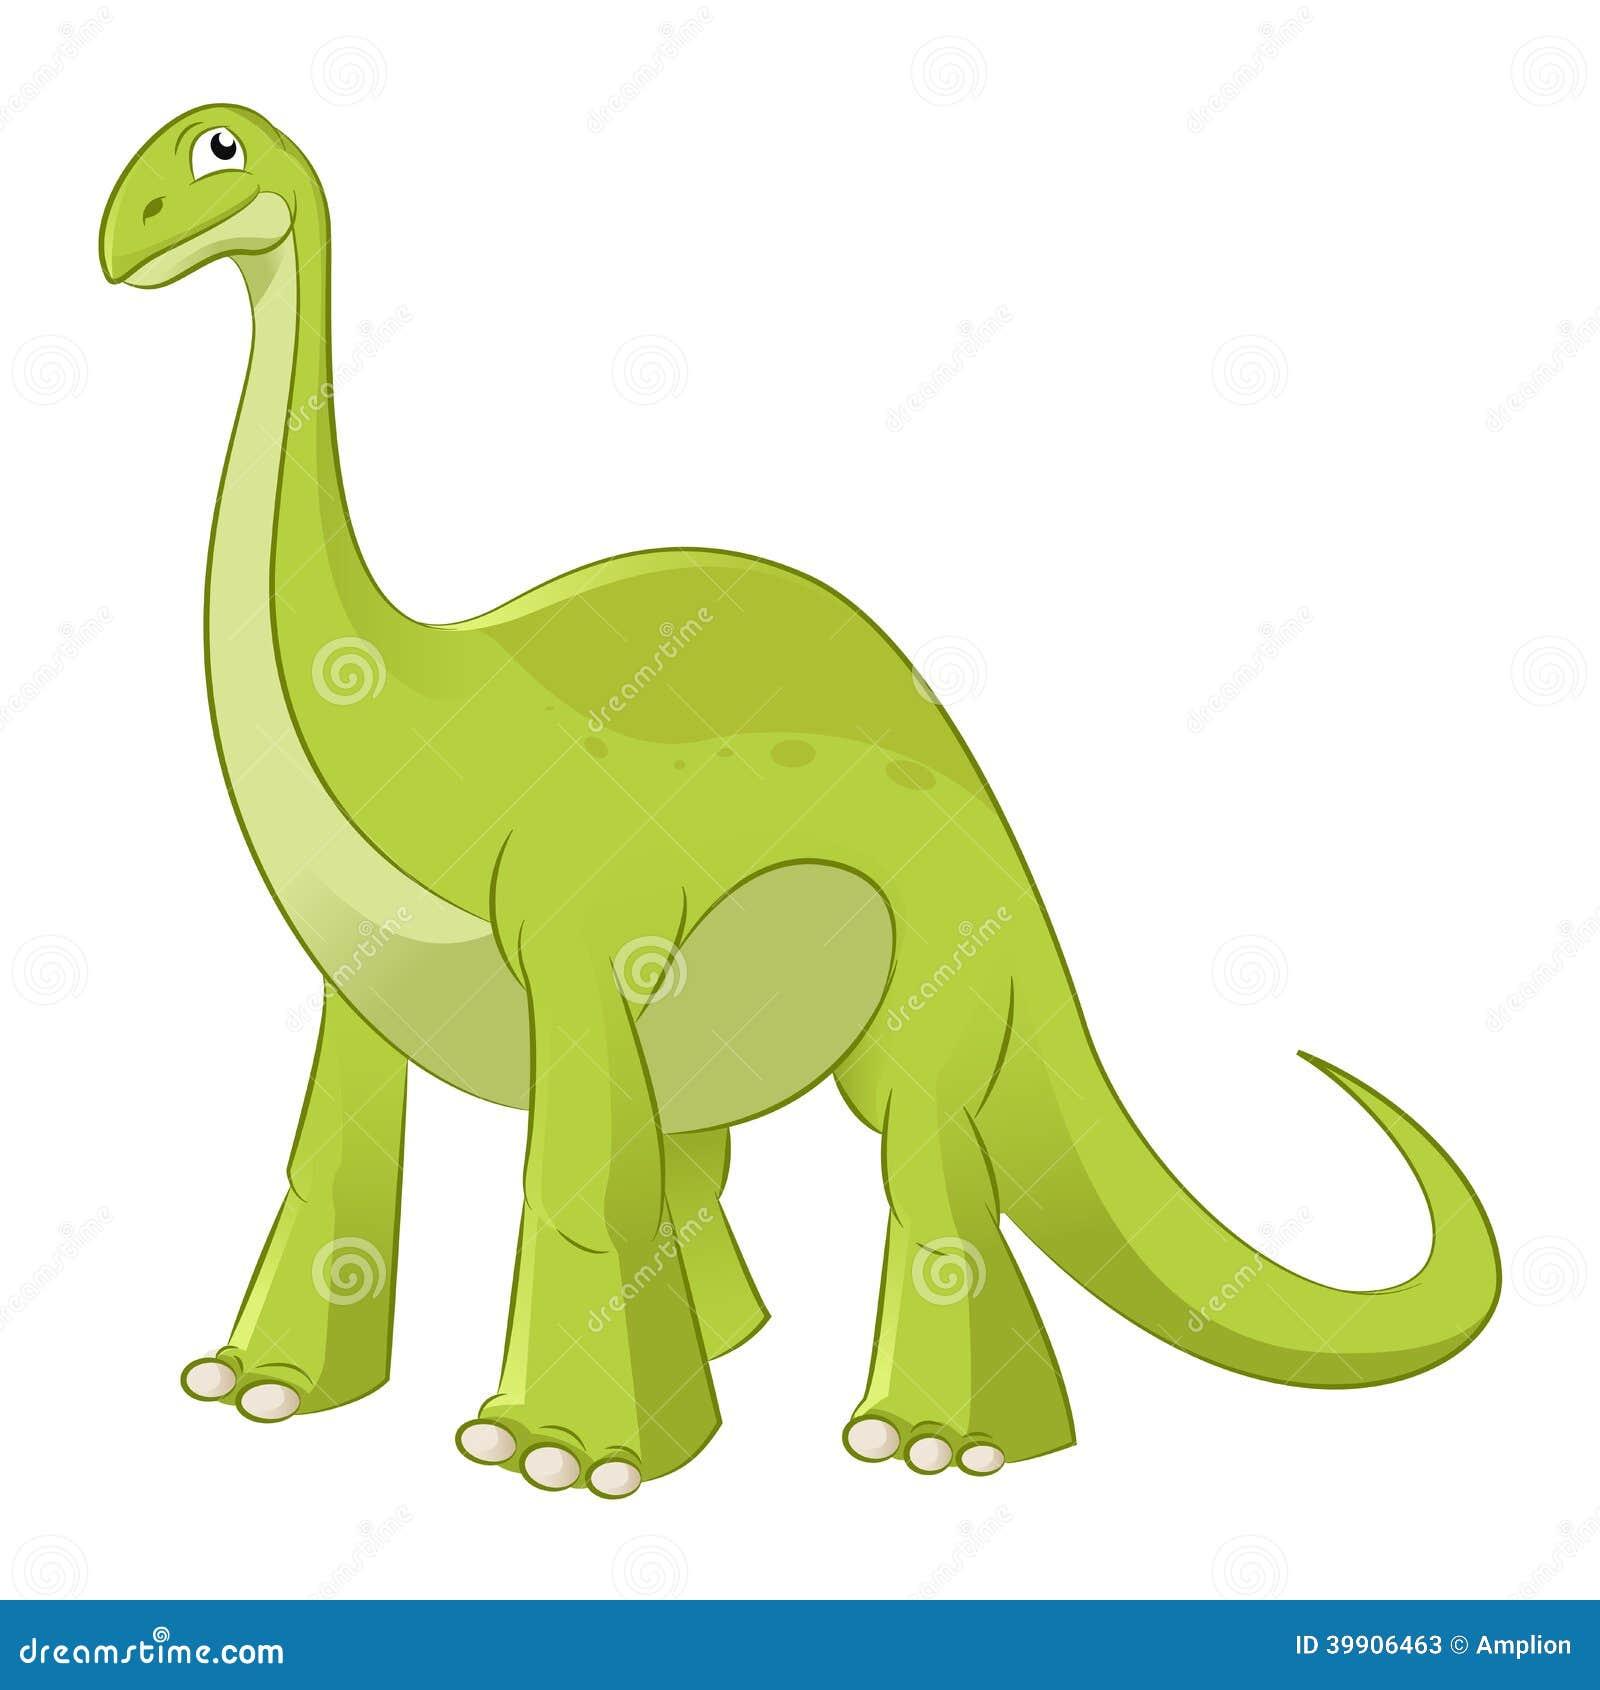 Diplodocus Stock Illustrations – 1,077 Diplodocus Stock ...